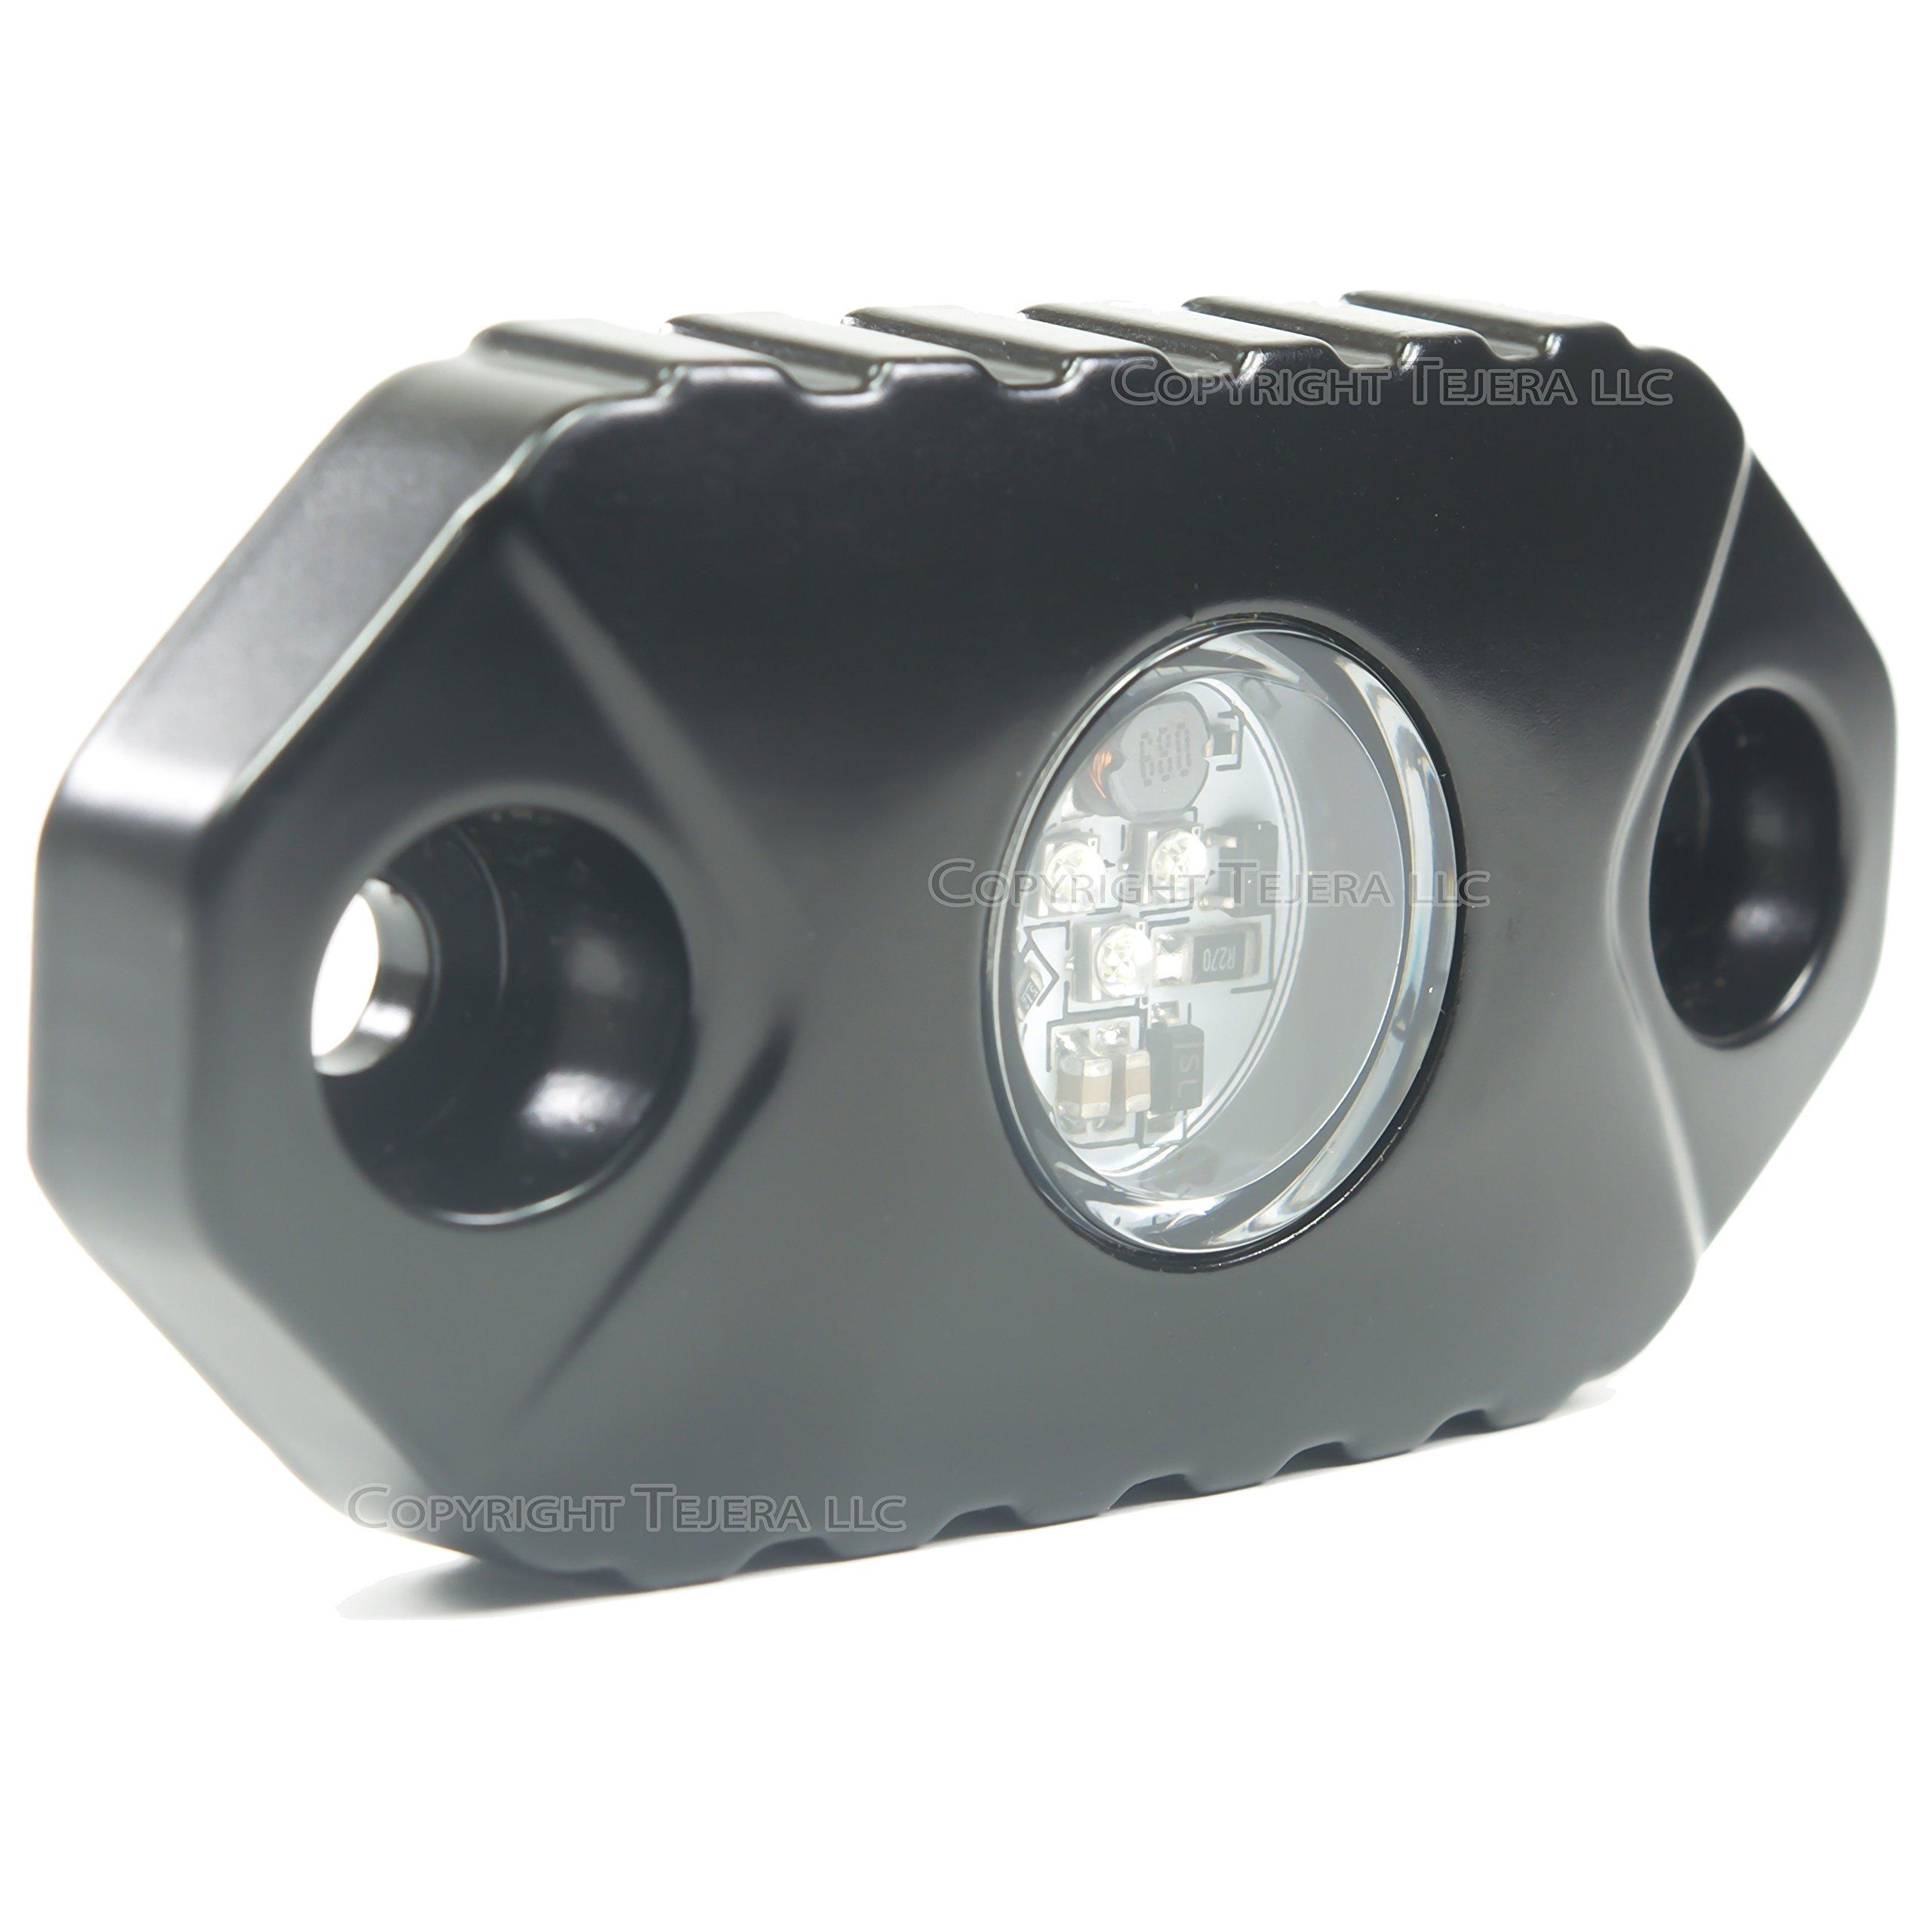 SuiTech SUI-ROCK-WHITE Black LED Rock Light